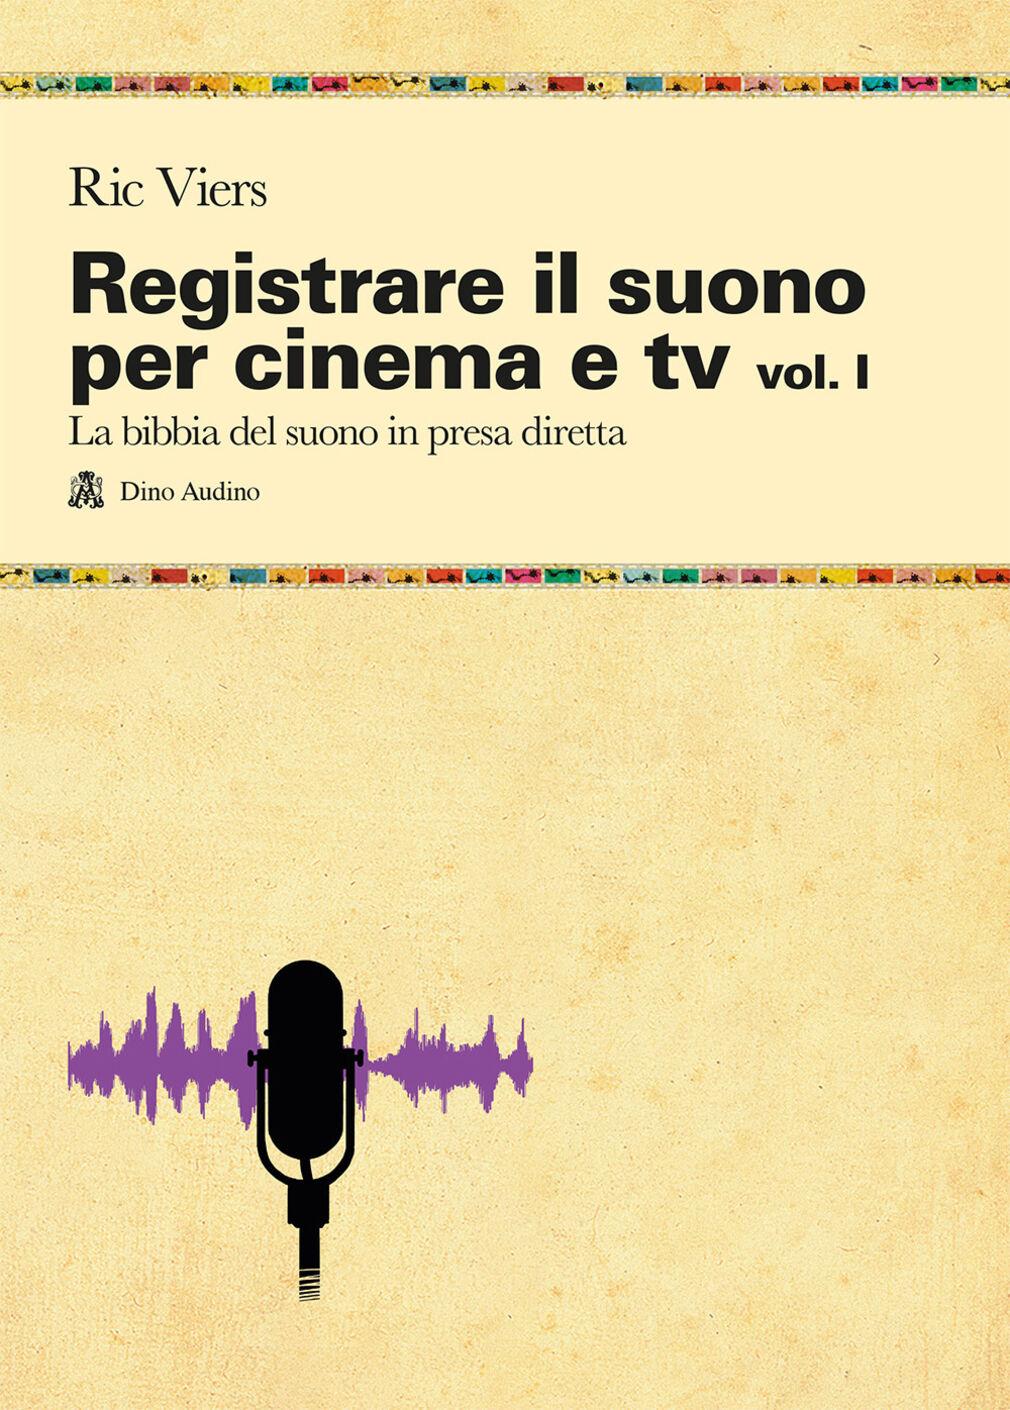 Registrare il suono per cinema e tv. Vol. 1: La bibbia del suono in presa diretta.